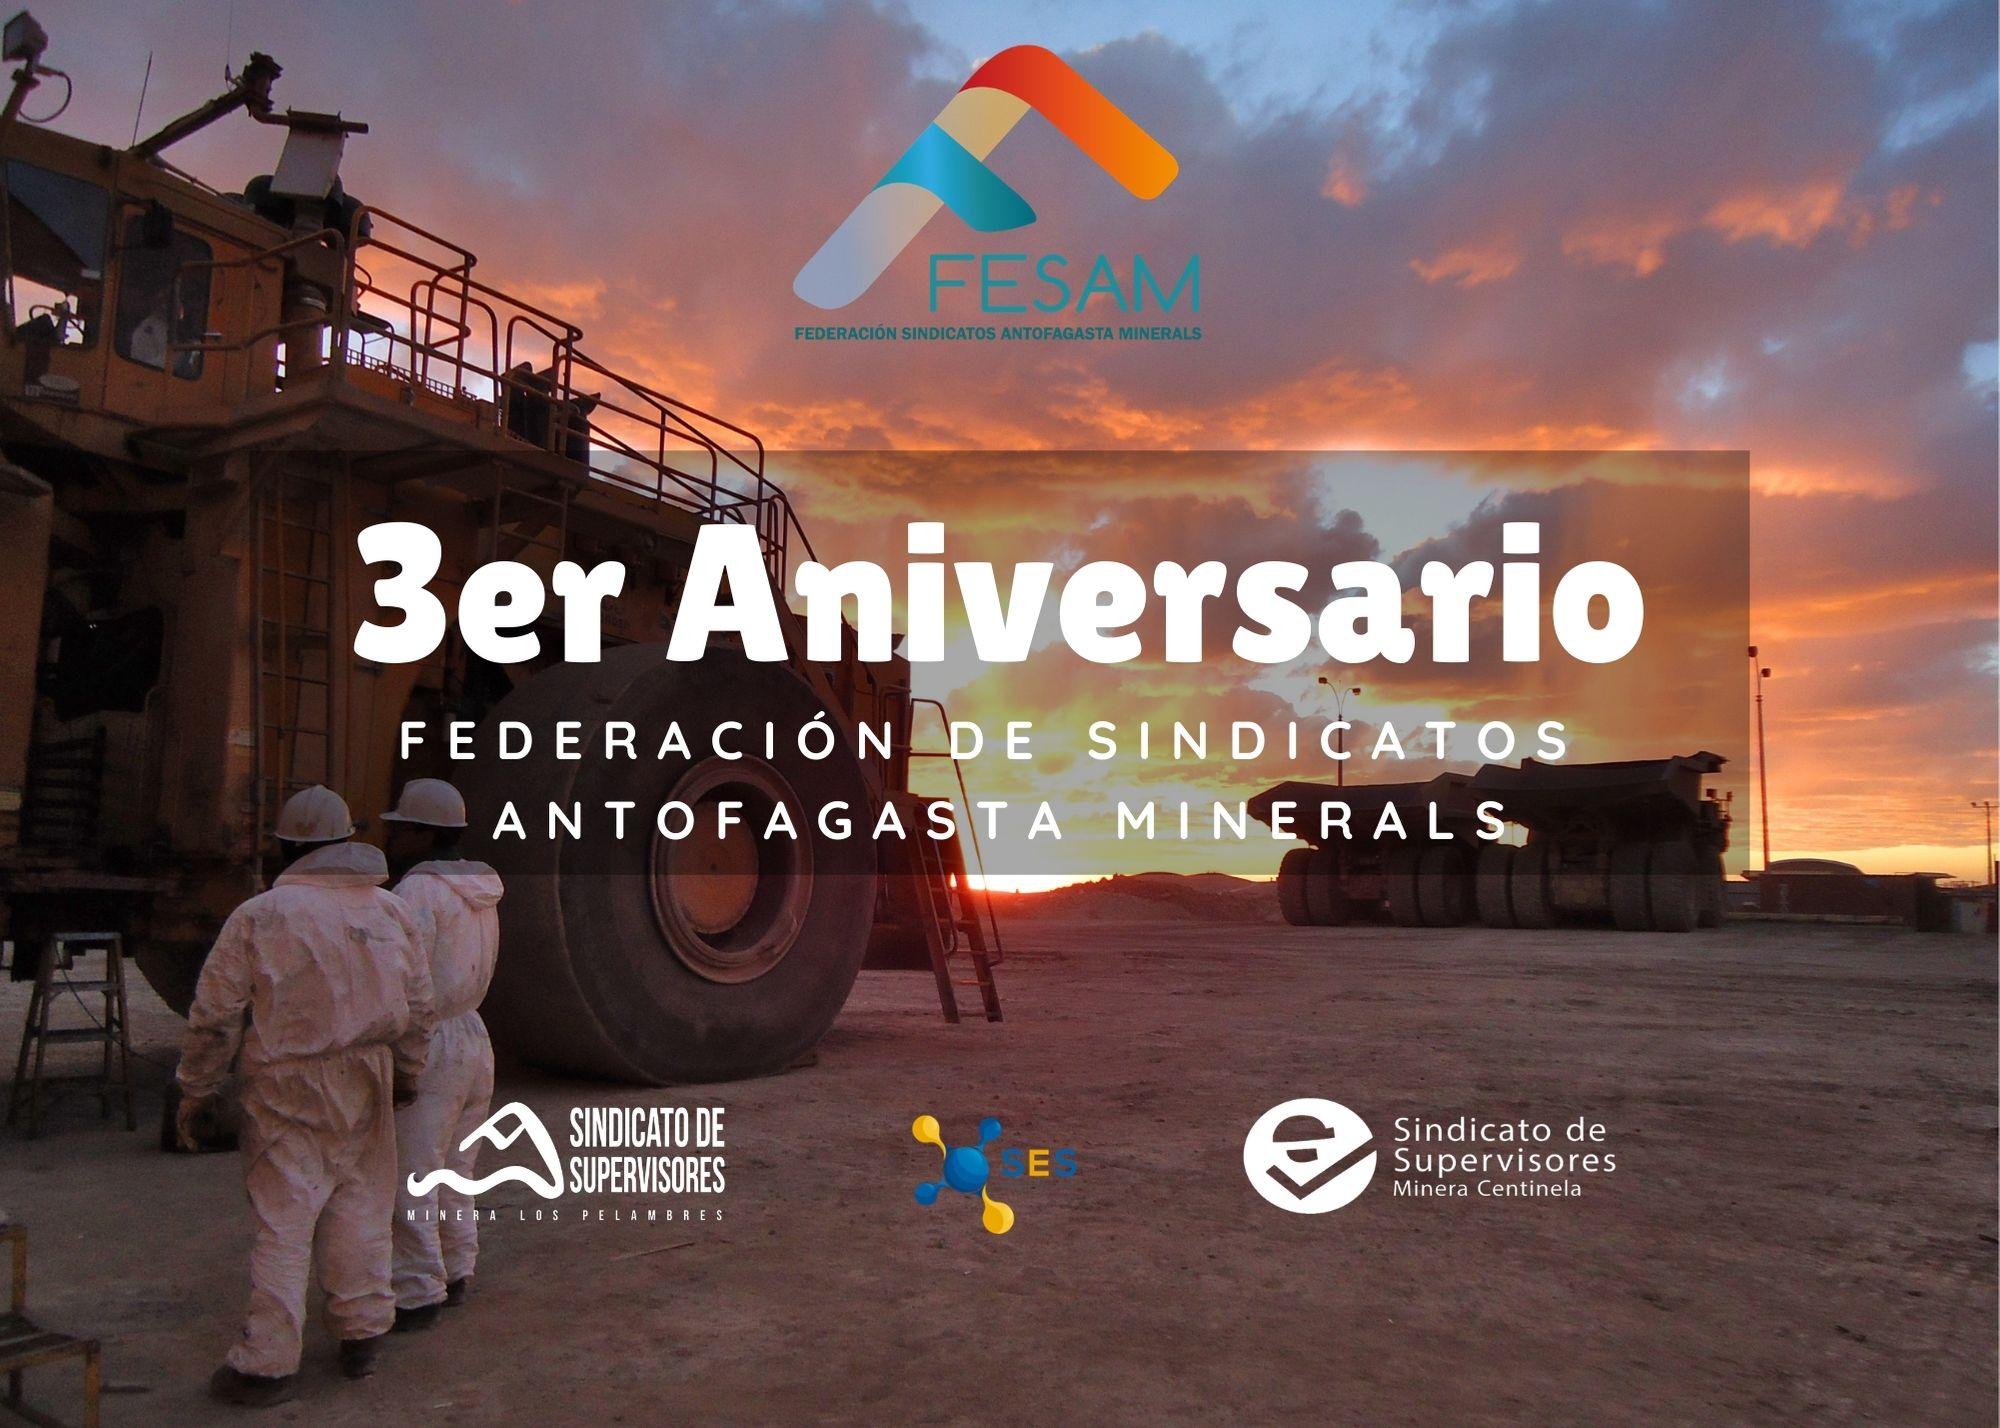 Federación de Sindicatos Antofagasta Minerals – FESAM, cumple su 3er aniversario. 3 DE MAYO DE 2018